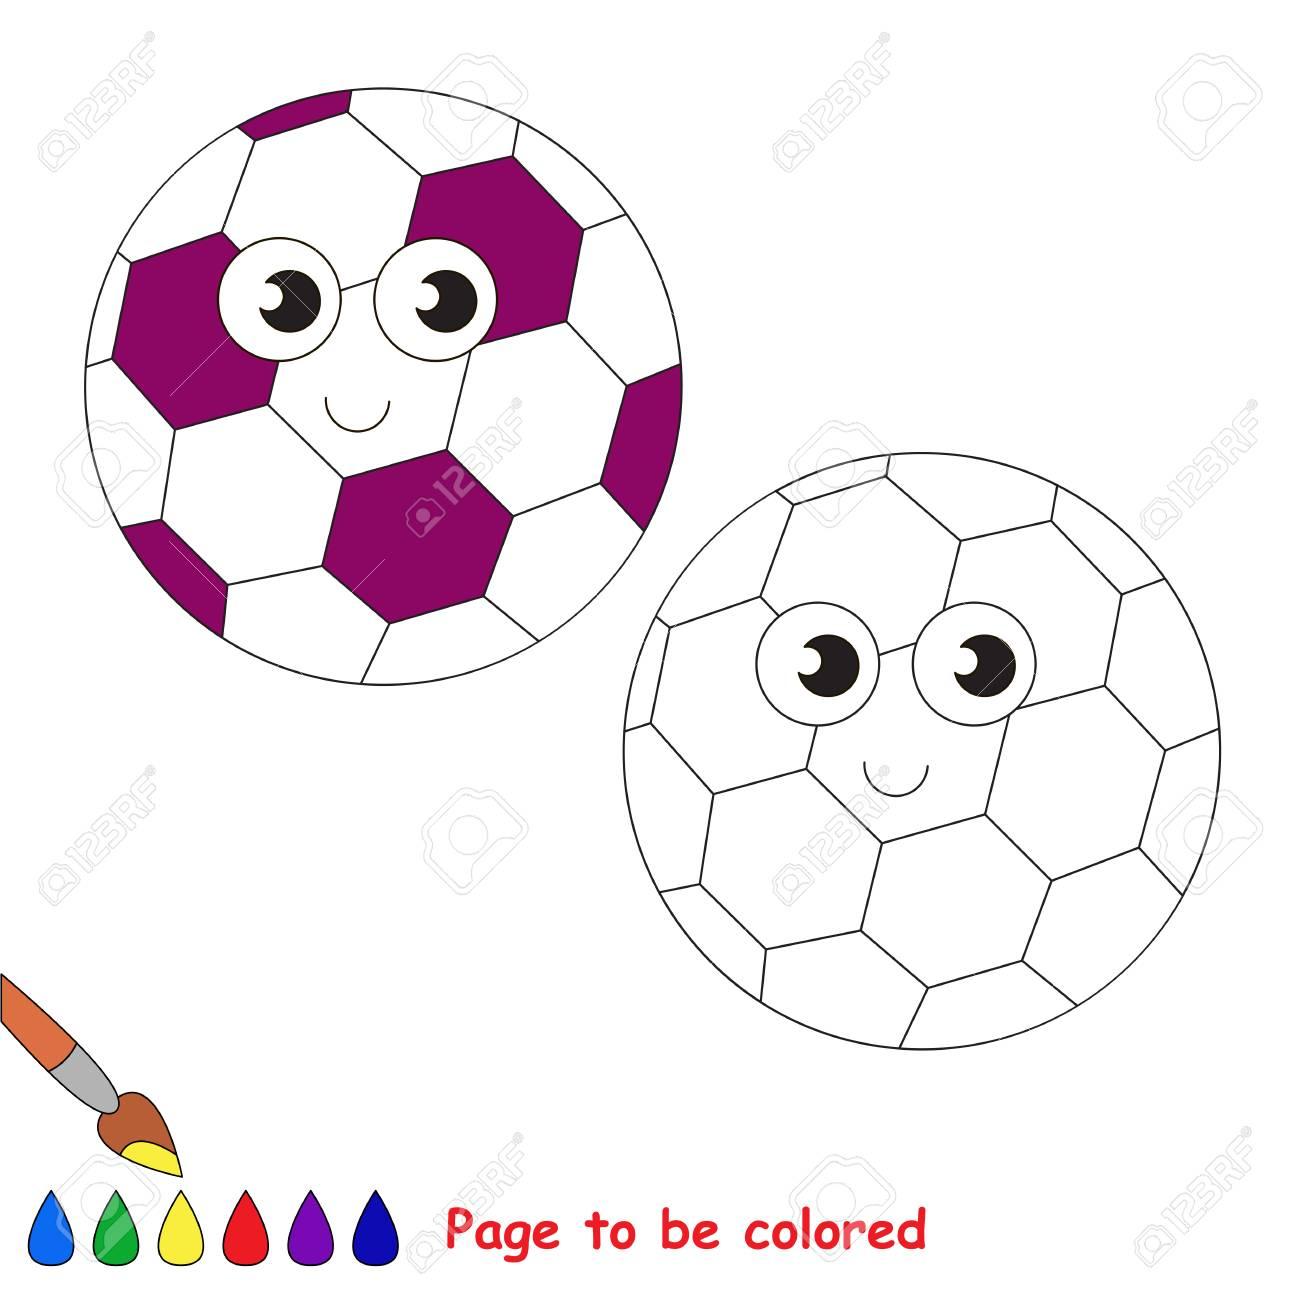 Ballon De Football à Colorier Le Livre De Coloriage Pour éduquer Les Enfants Dâge Préscolaire Avec Des Jeux éducatifs Enfant Facile Et Léducation